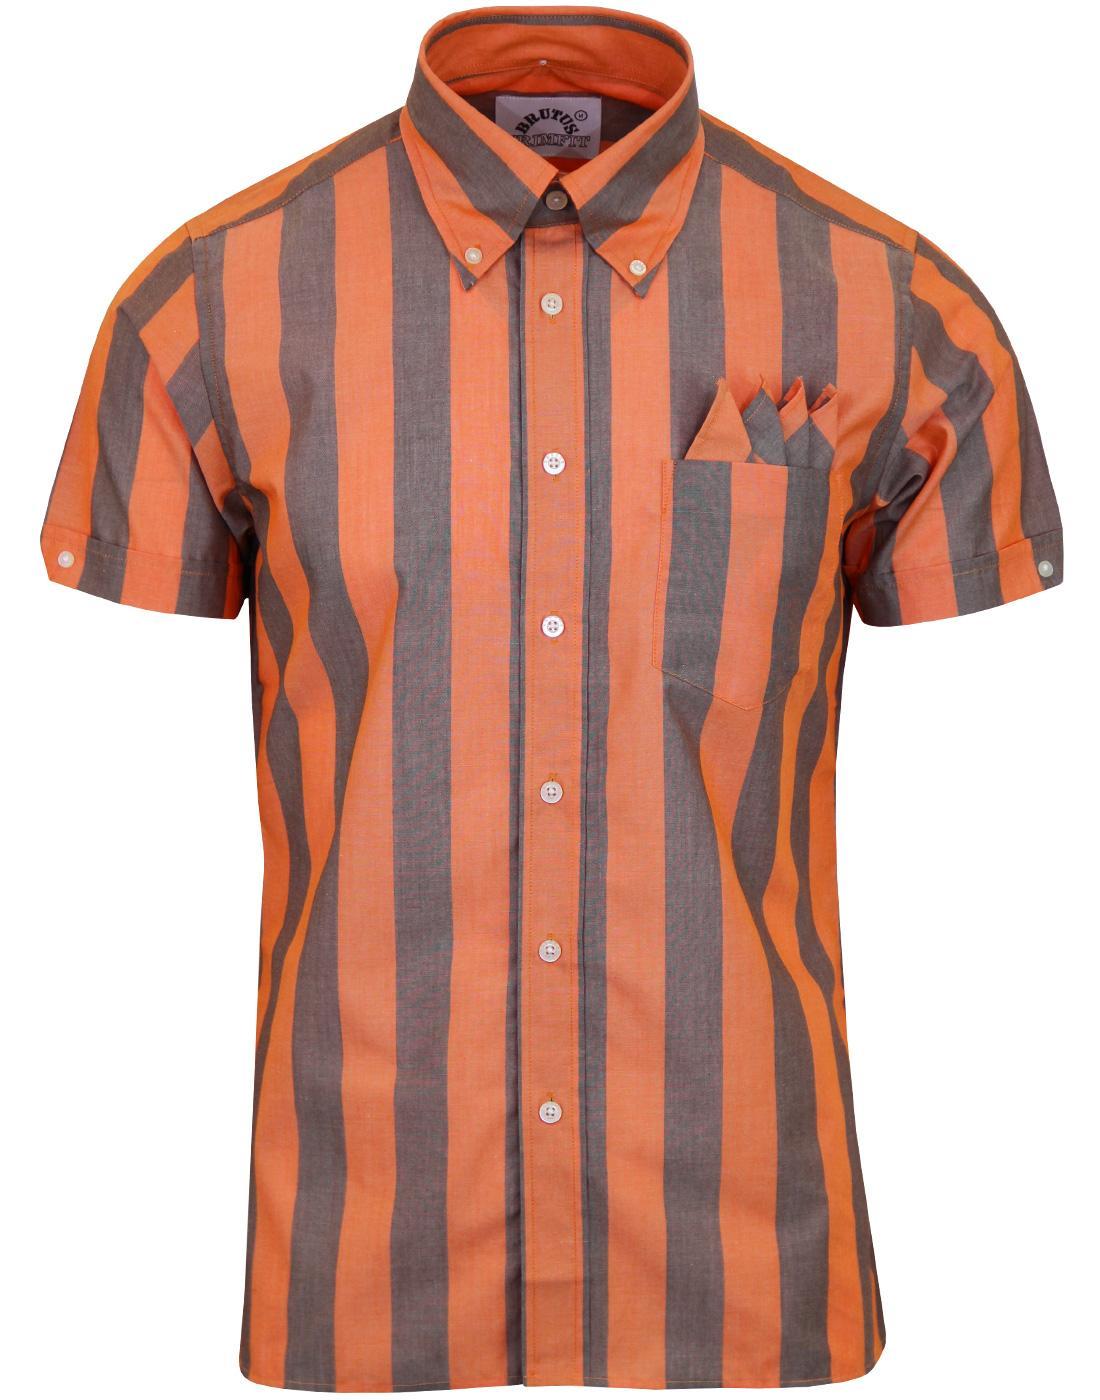 BRUTUS TRIMFIT Retro Mod Roller Stripe Shirt (B/O)